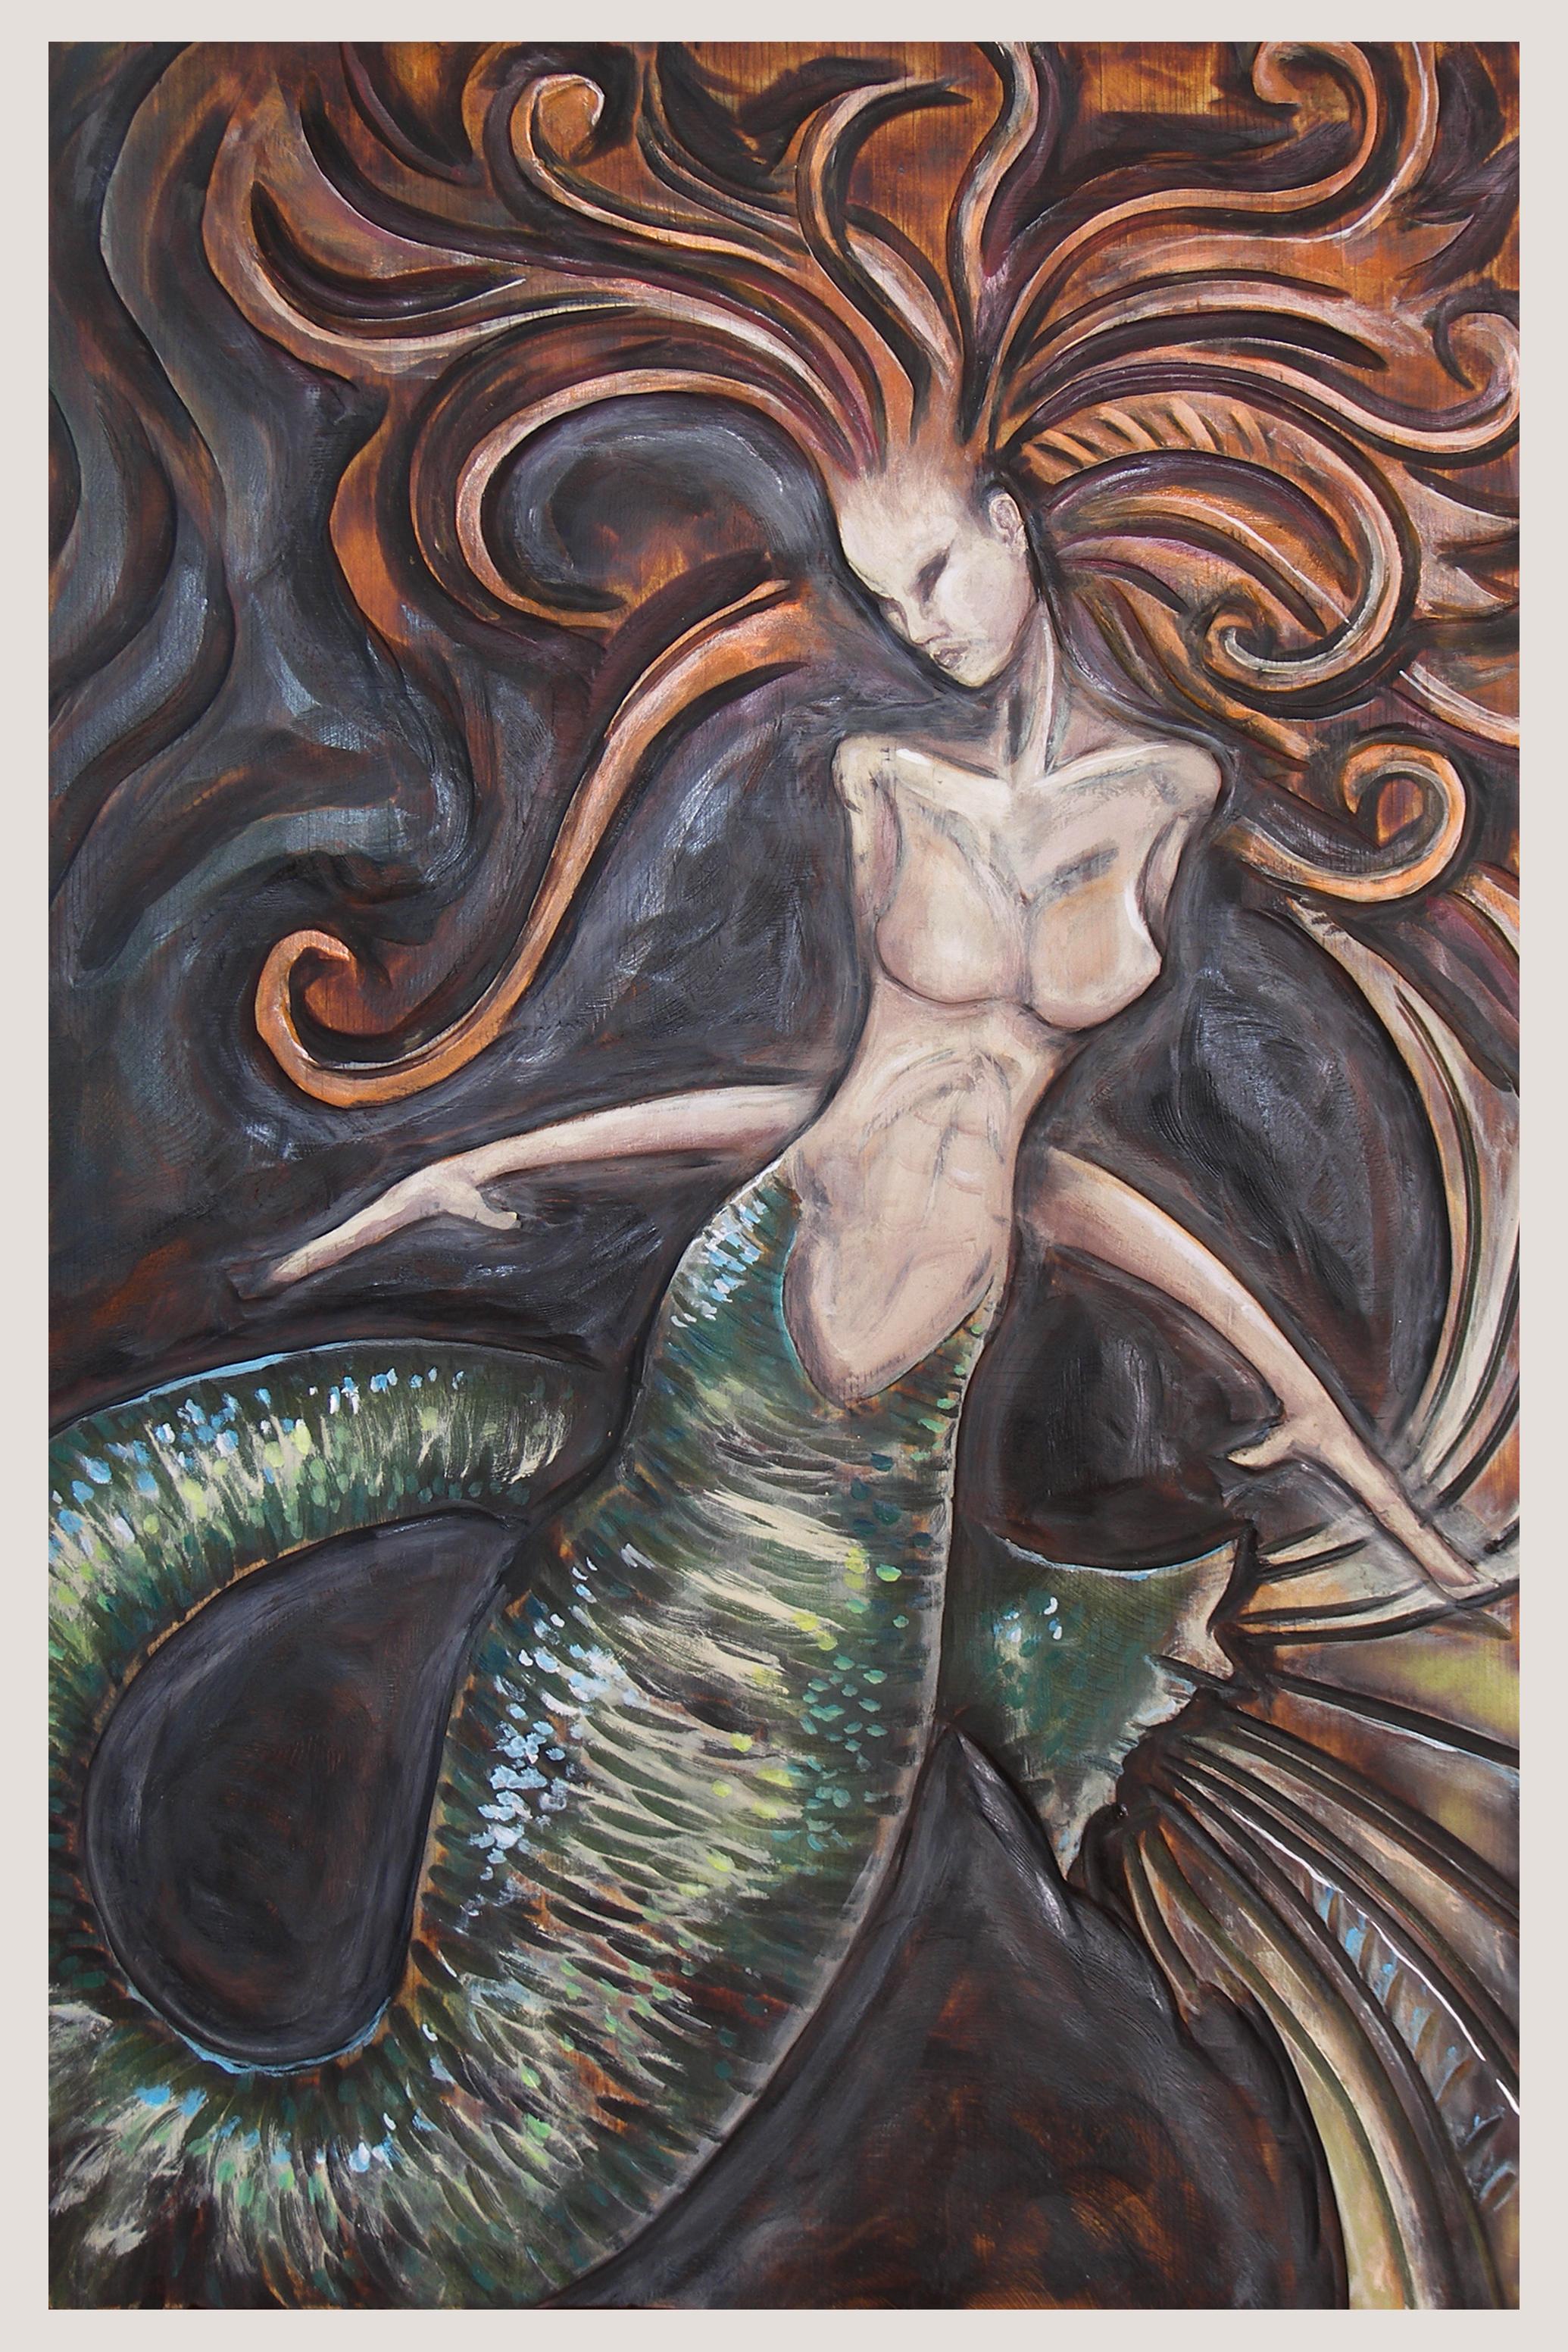 darkwatermermaid.jpg